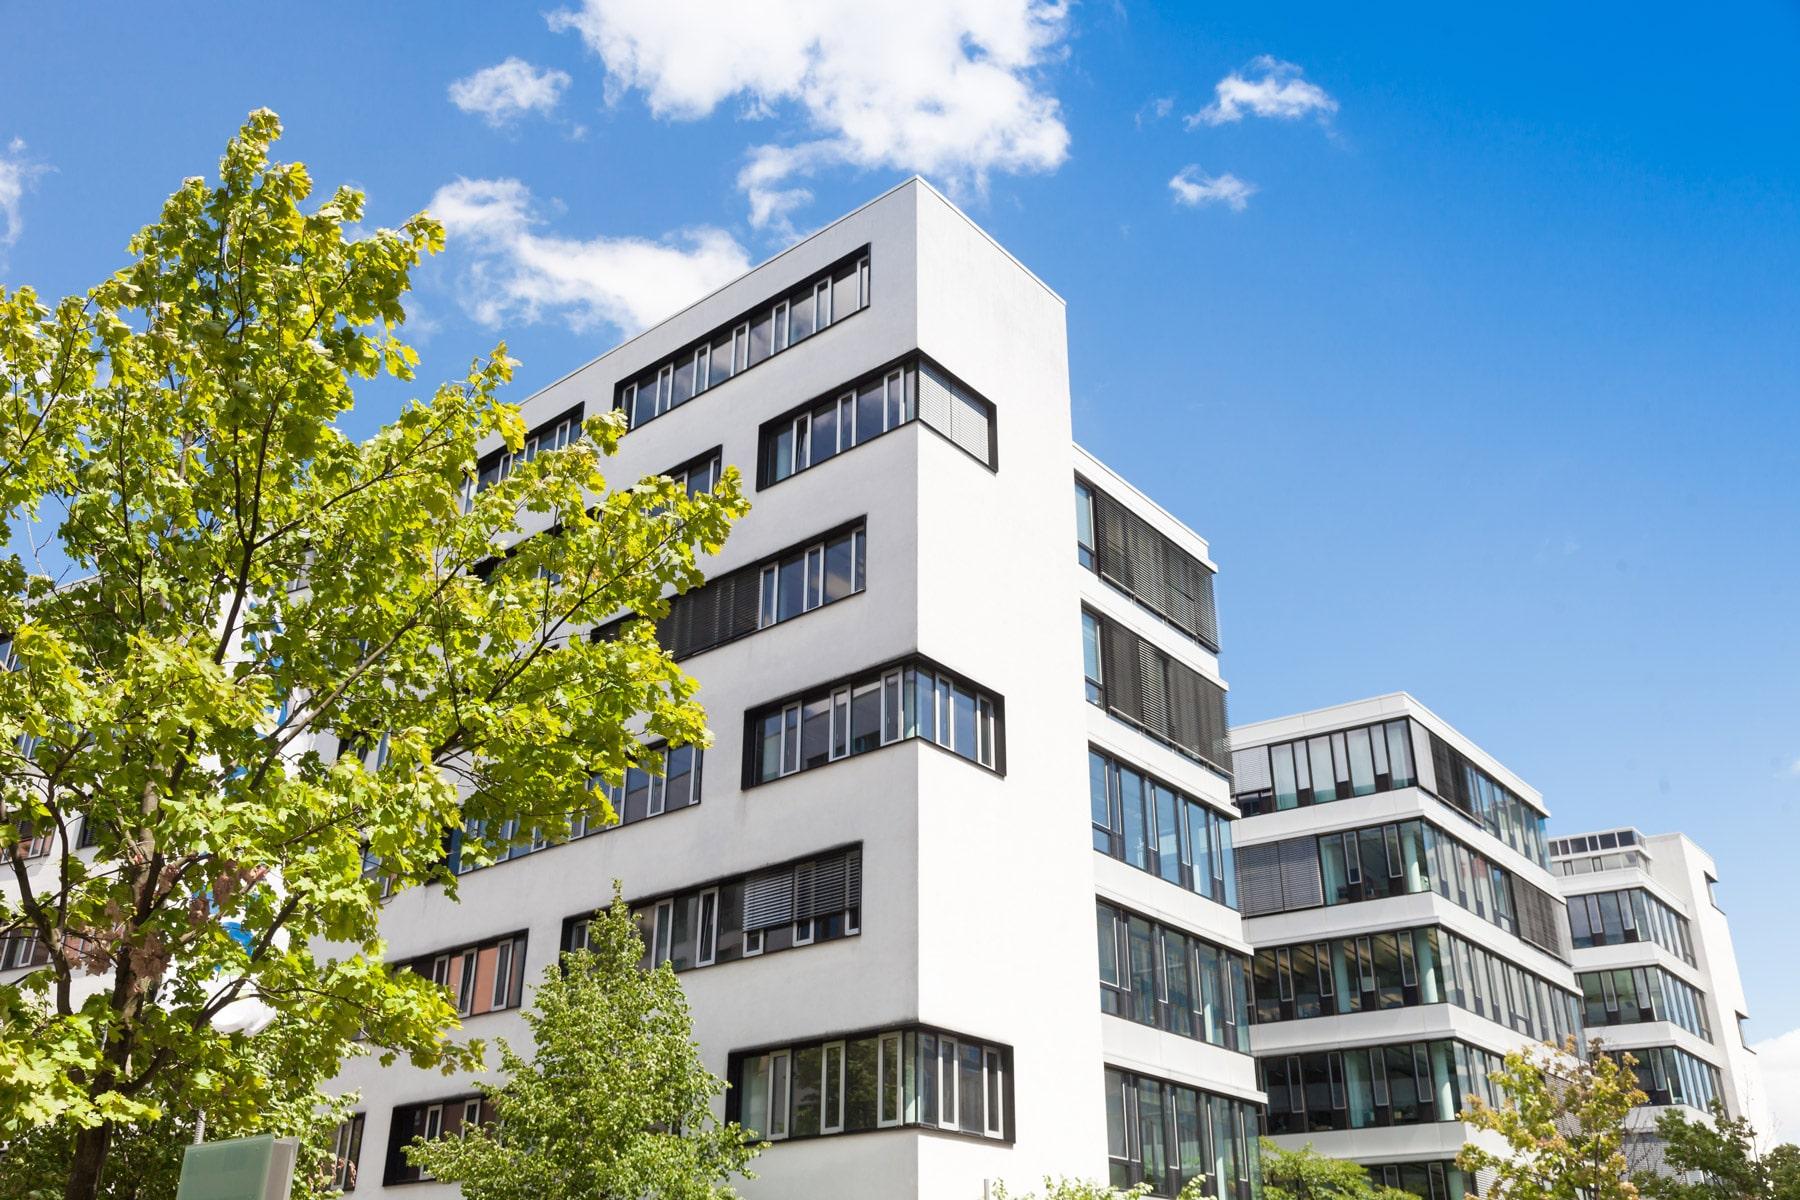 Bauträger,-Investoren,-Projektentwickler-Immobilienmakler-Rene-Borkenhagen-